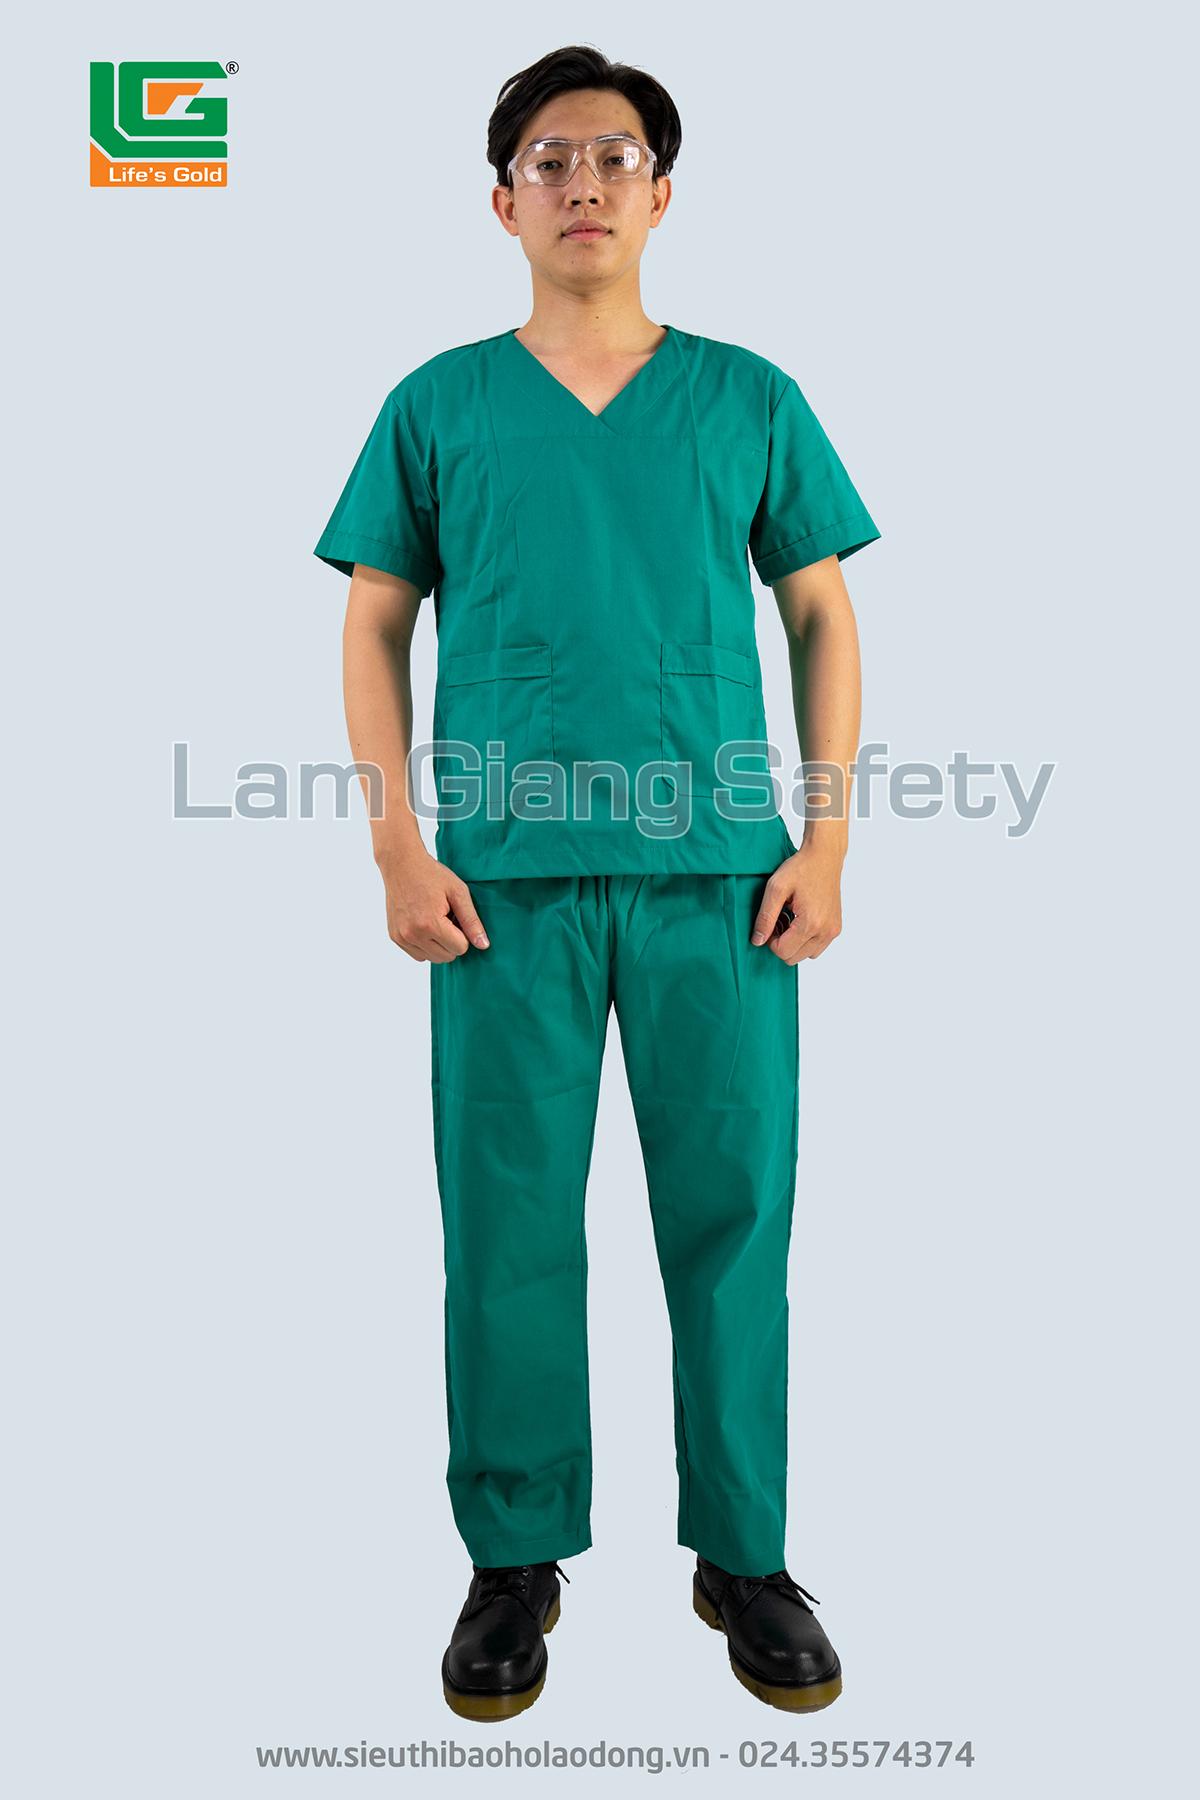 Quần áo phẫu thuật màu xanh